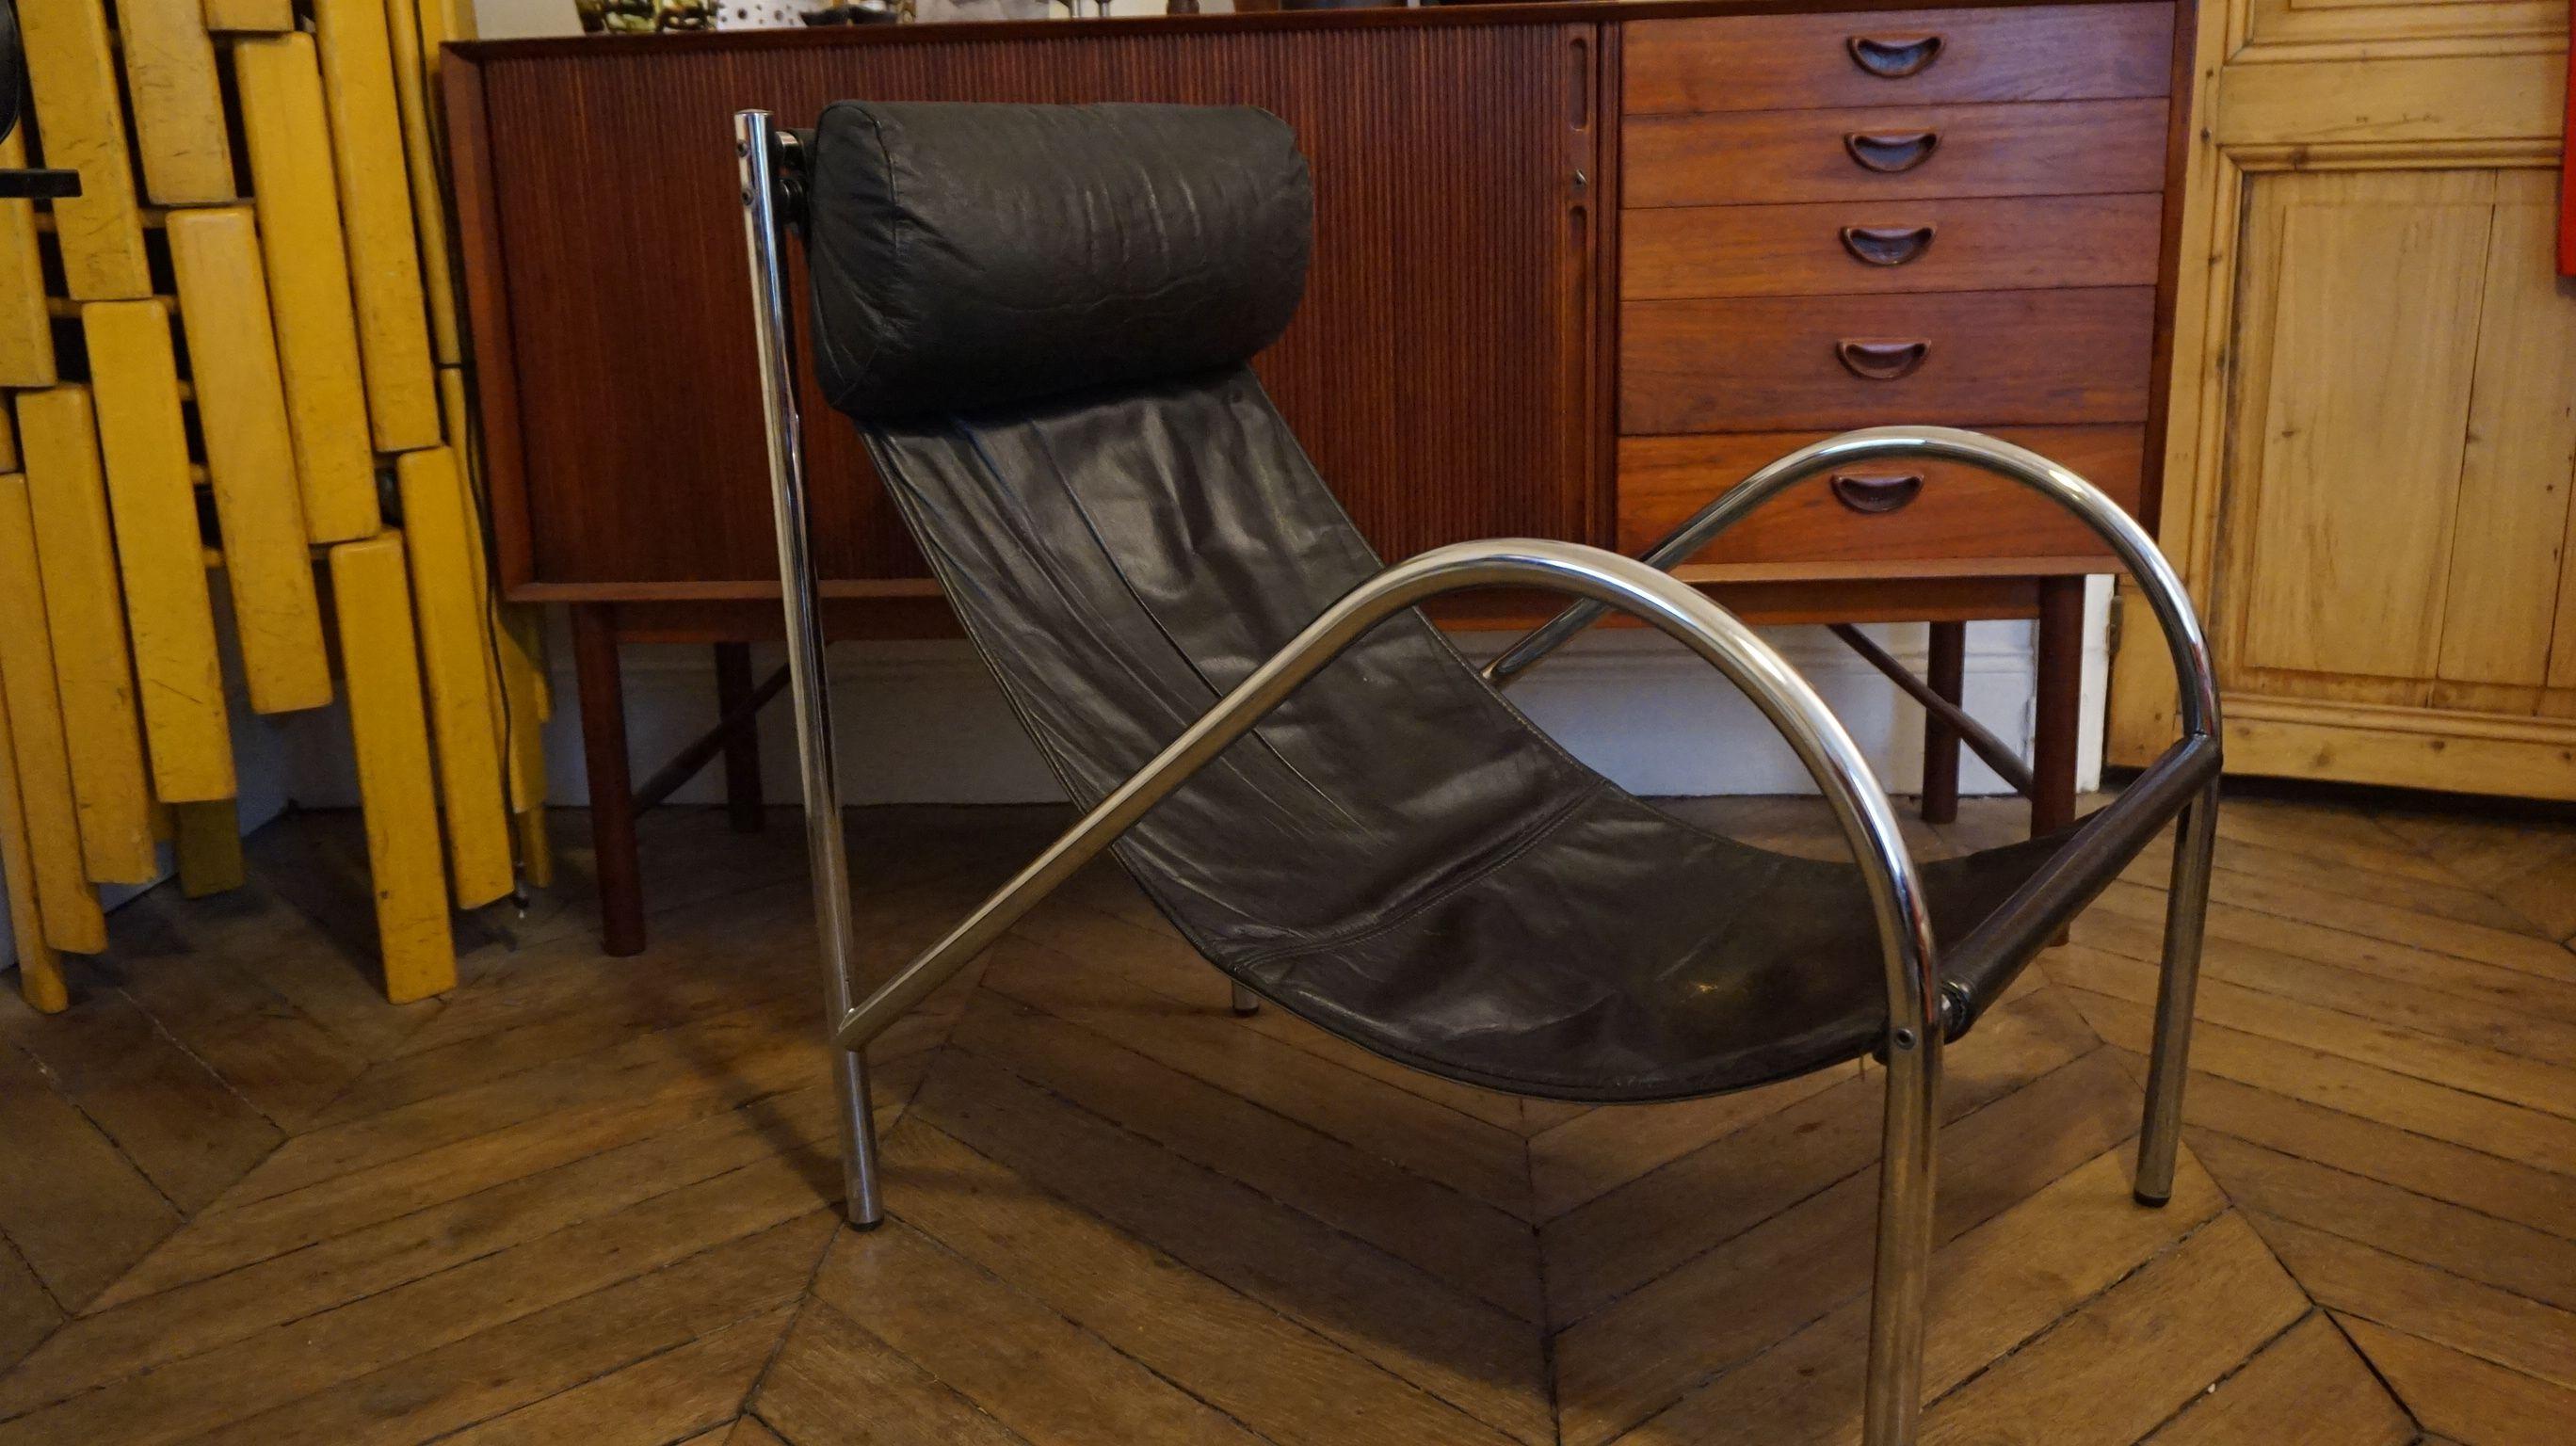 Fauteuil design 70 chaise longue en chrome et cuir tendu. Coussin ...